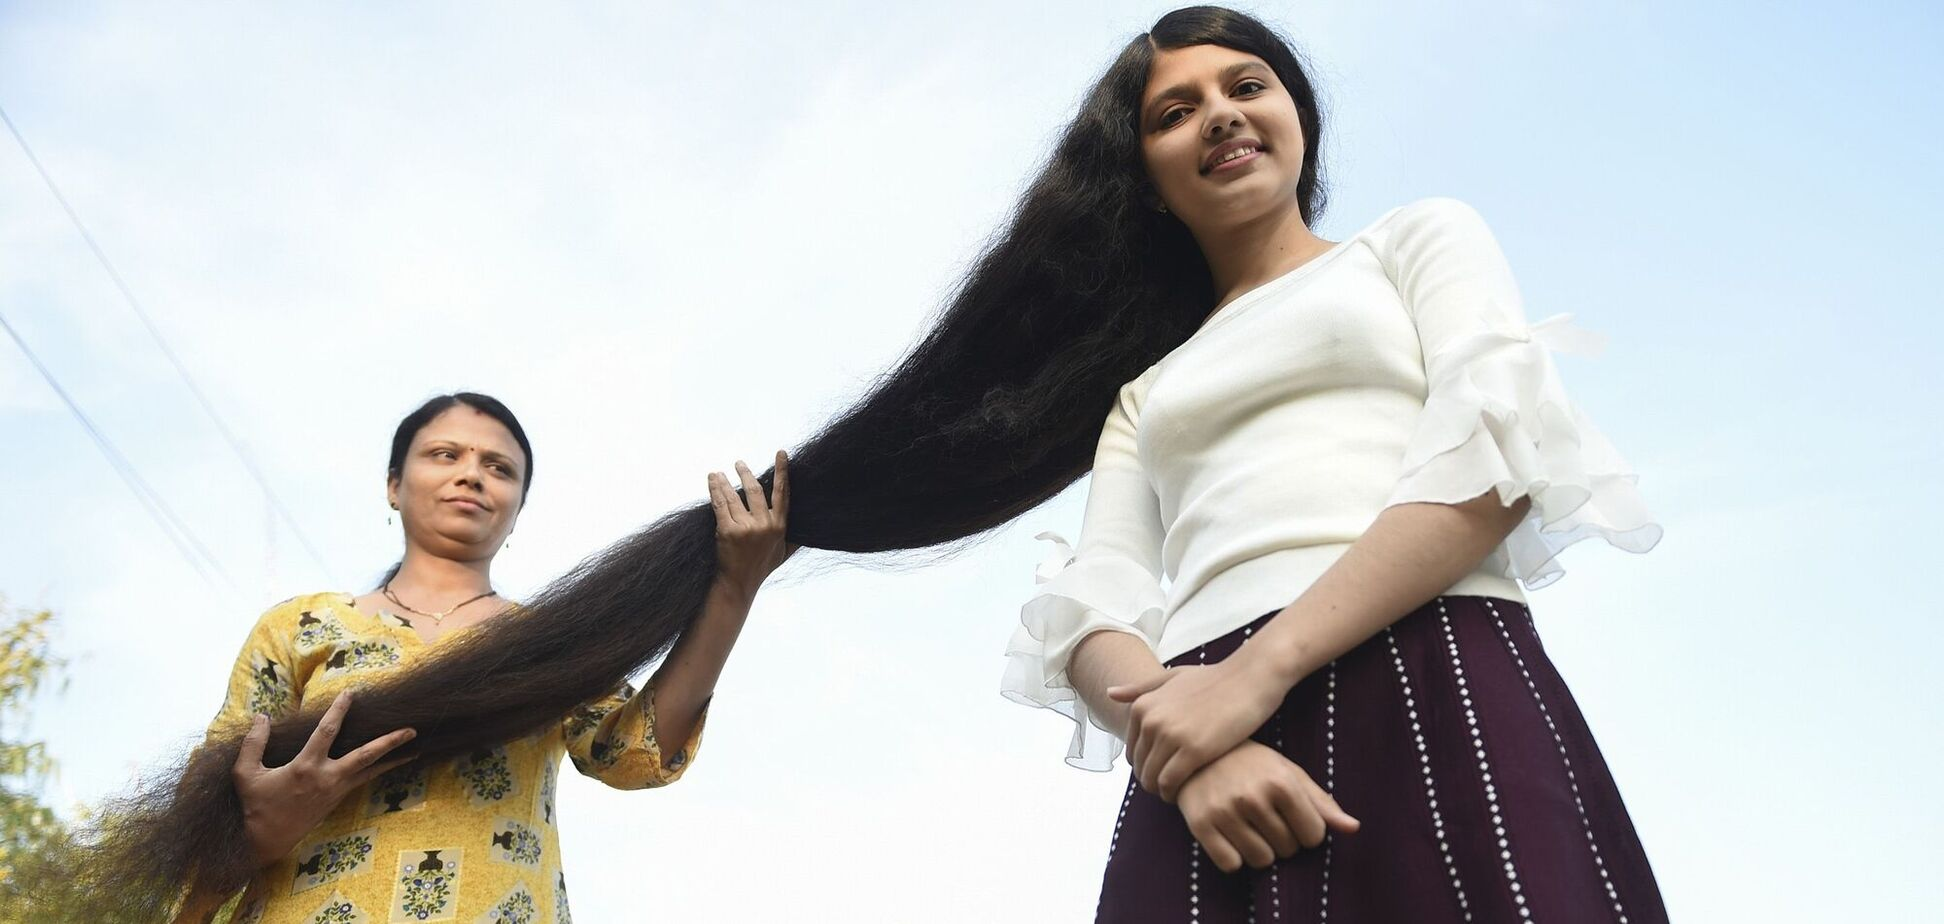 18-летняя обладательница самых длинных волос дважды попала в Книгу рекордов Гиннеса: как она выглядит